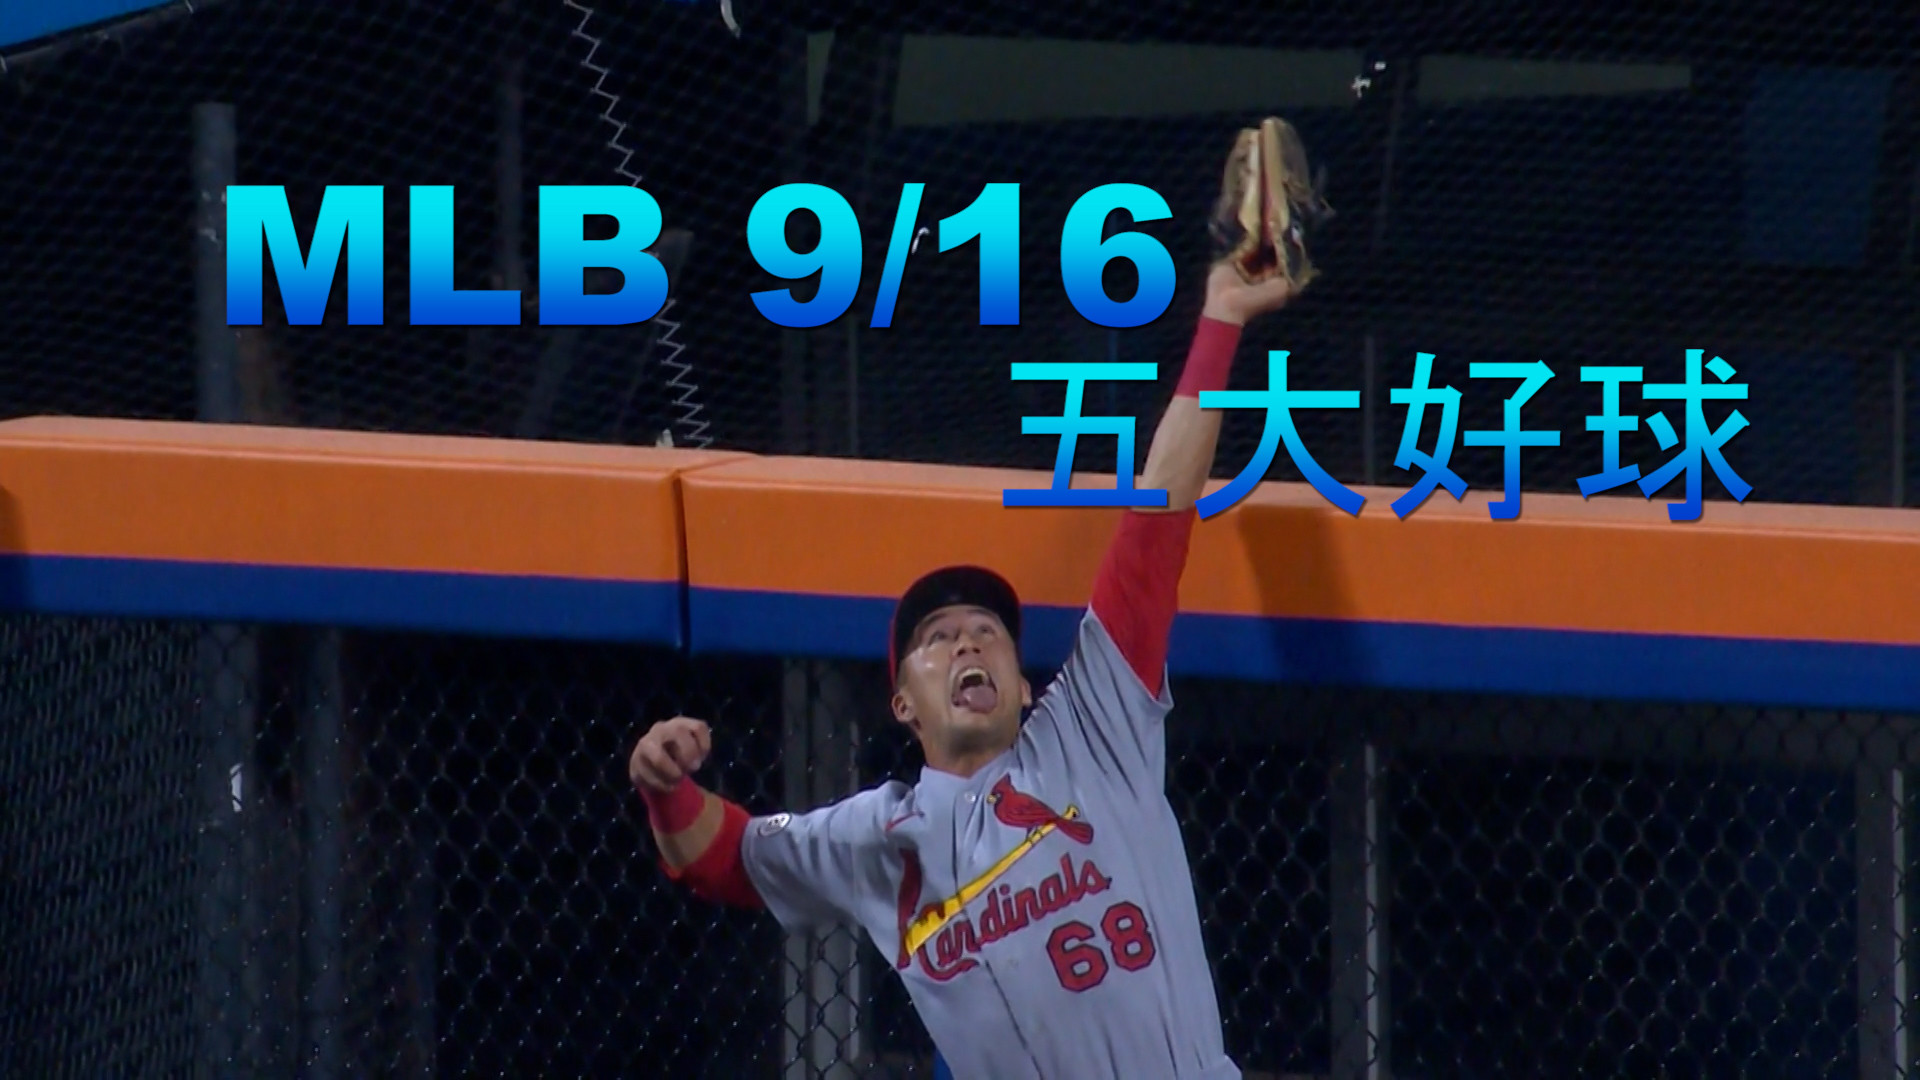 【MLB看愛爾達】MLB本日五大好球 美技連發拍案叫絕 9/16